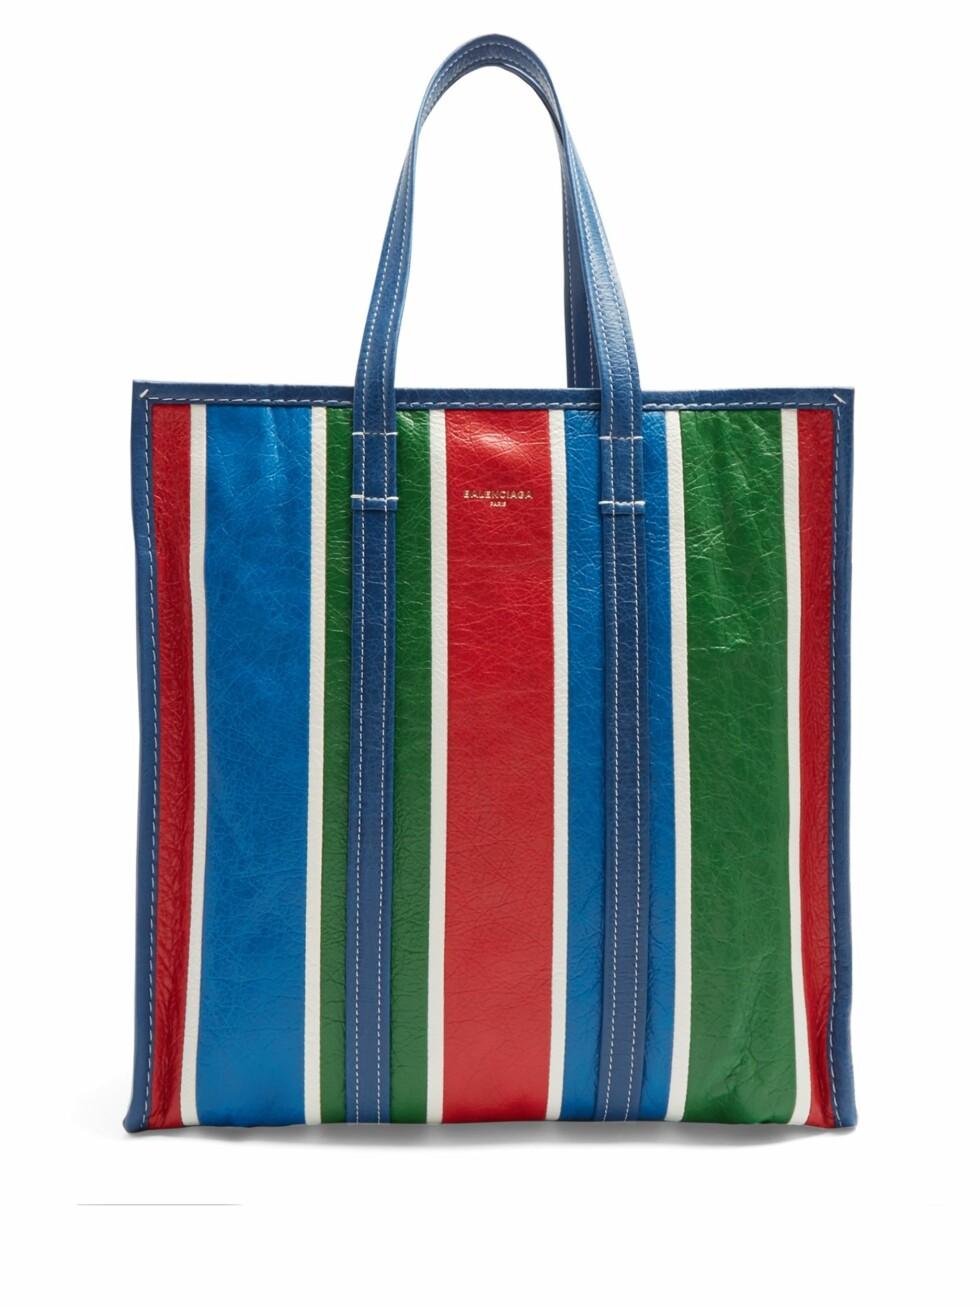 Veske fra Balenciaga  7755,-  https://www.matchesfashion.com/intl/products/Balenciaga-Bazar-shopper-M-1153534